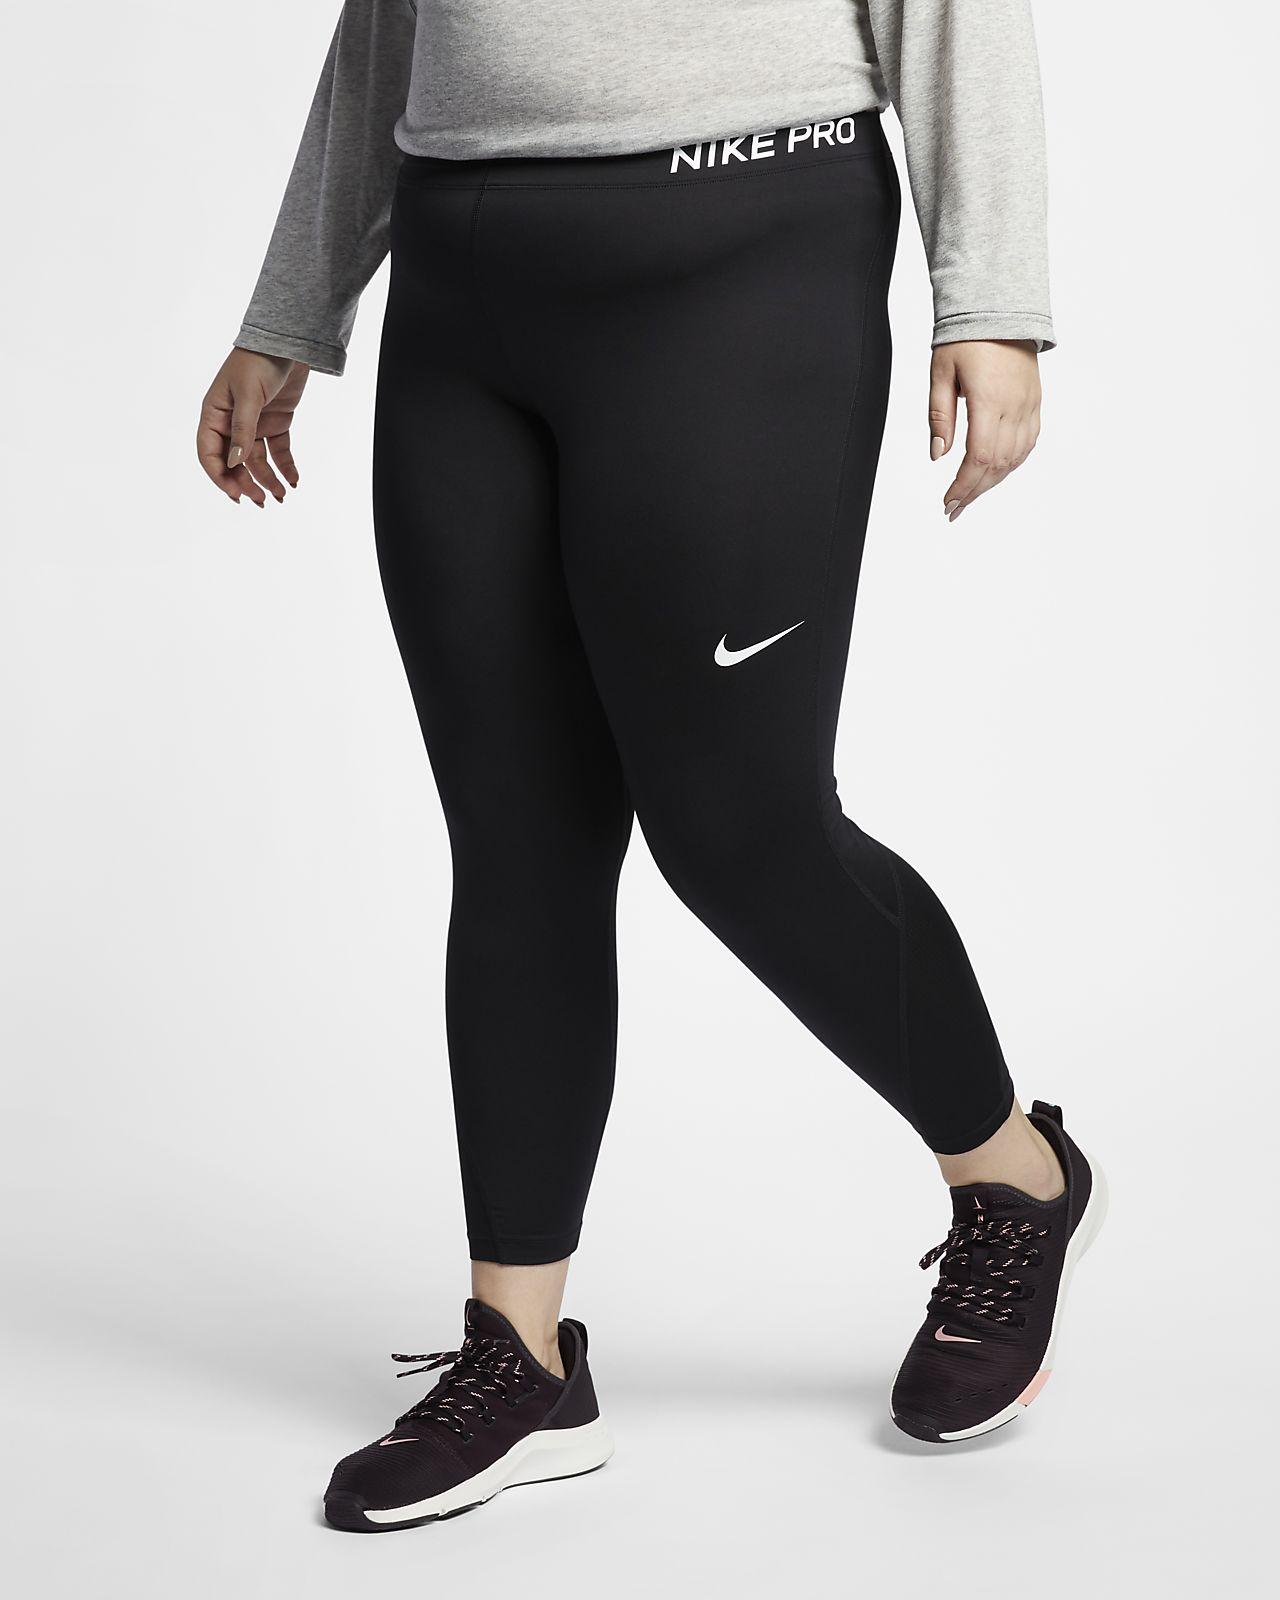 91491dcd7ab Nike Pro Women s Mid-Rise Training Crops (Plus Size). Nike.com BG